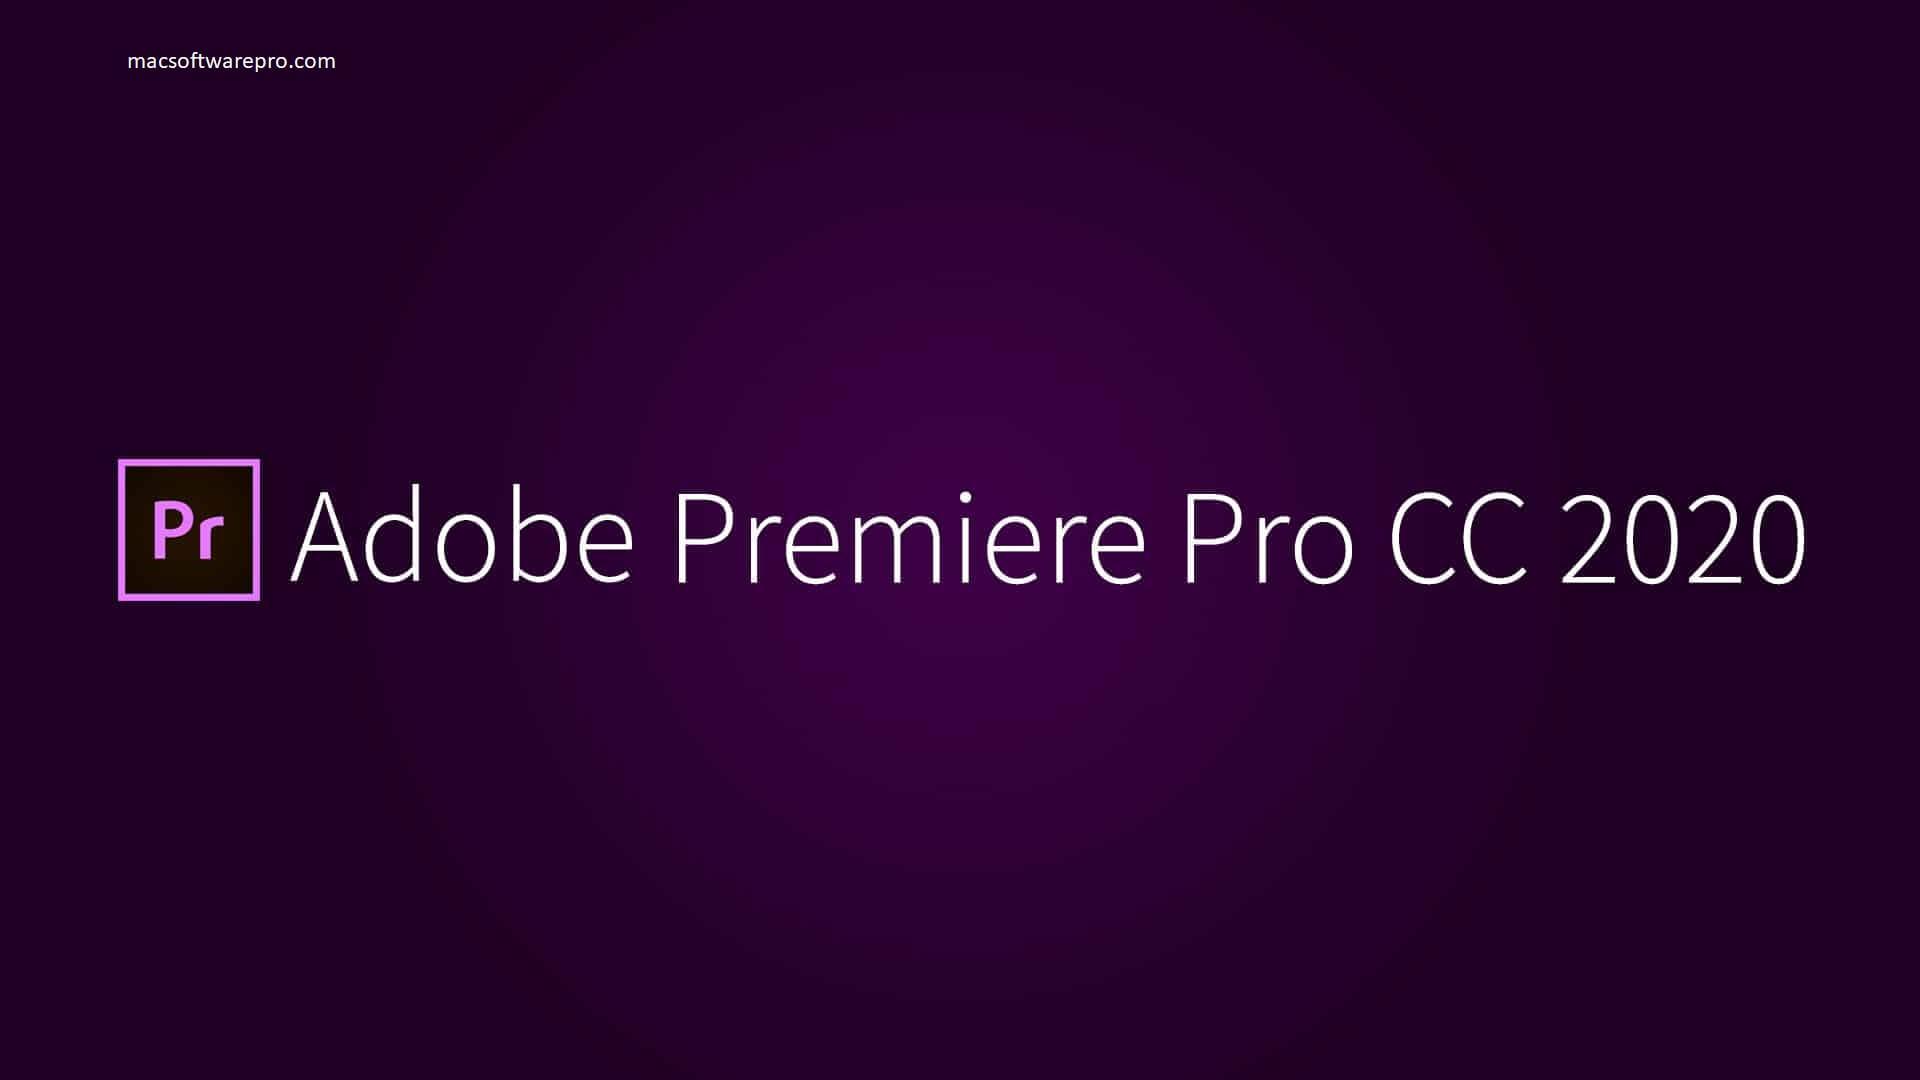 Adobe Premiere Pro 2020 for MacOS + Crack Full Torrent Download